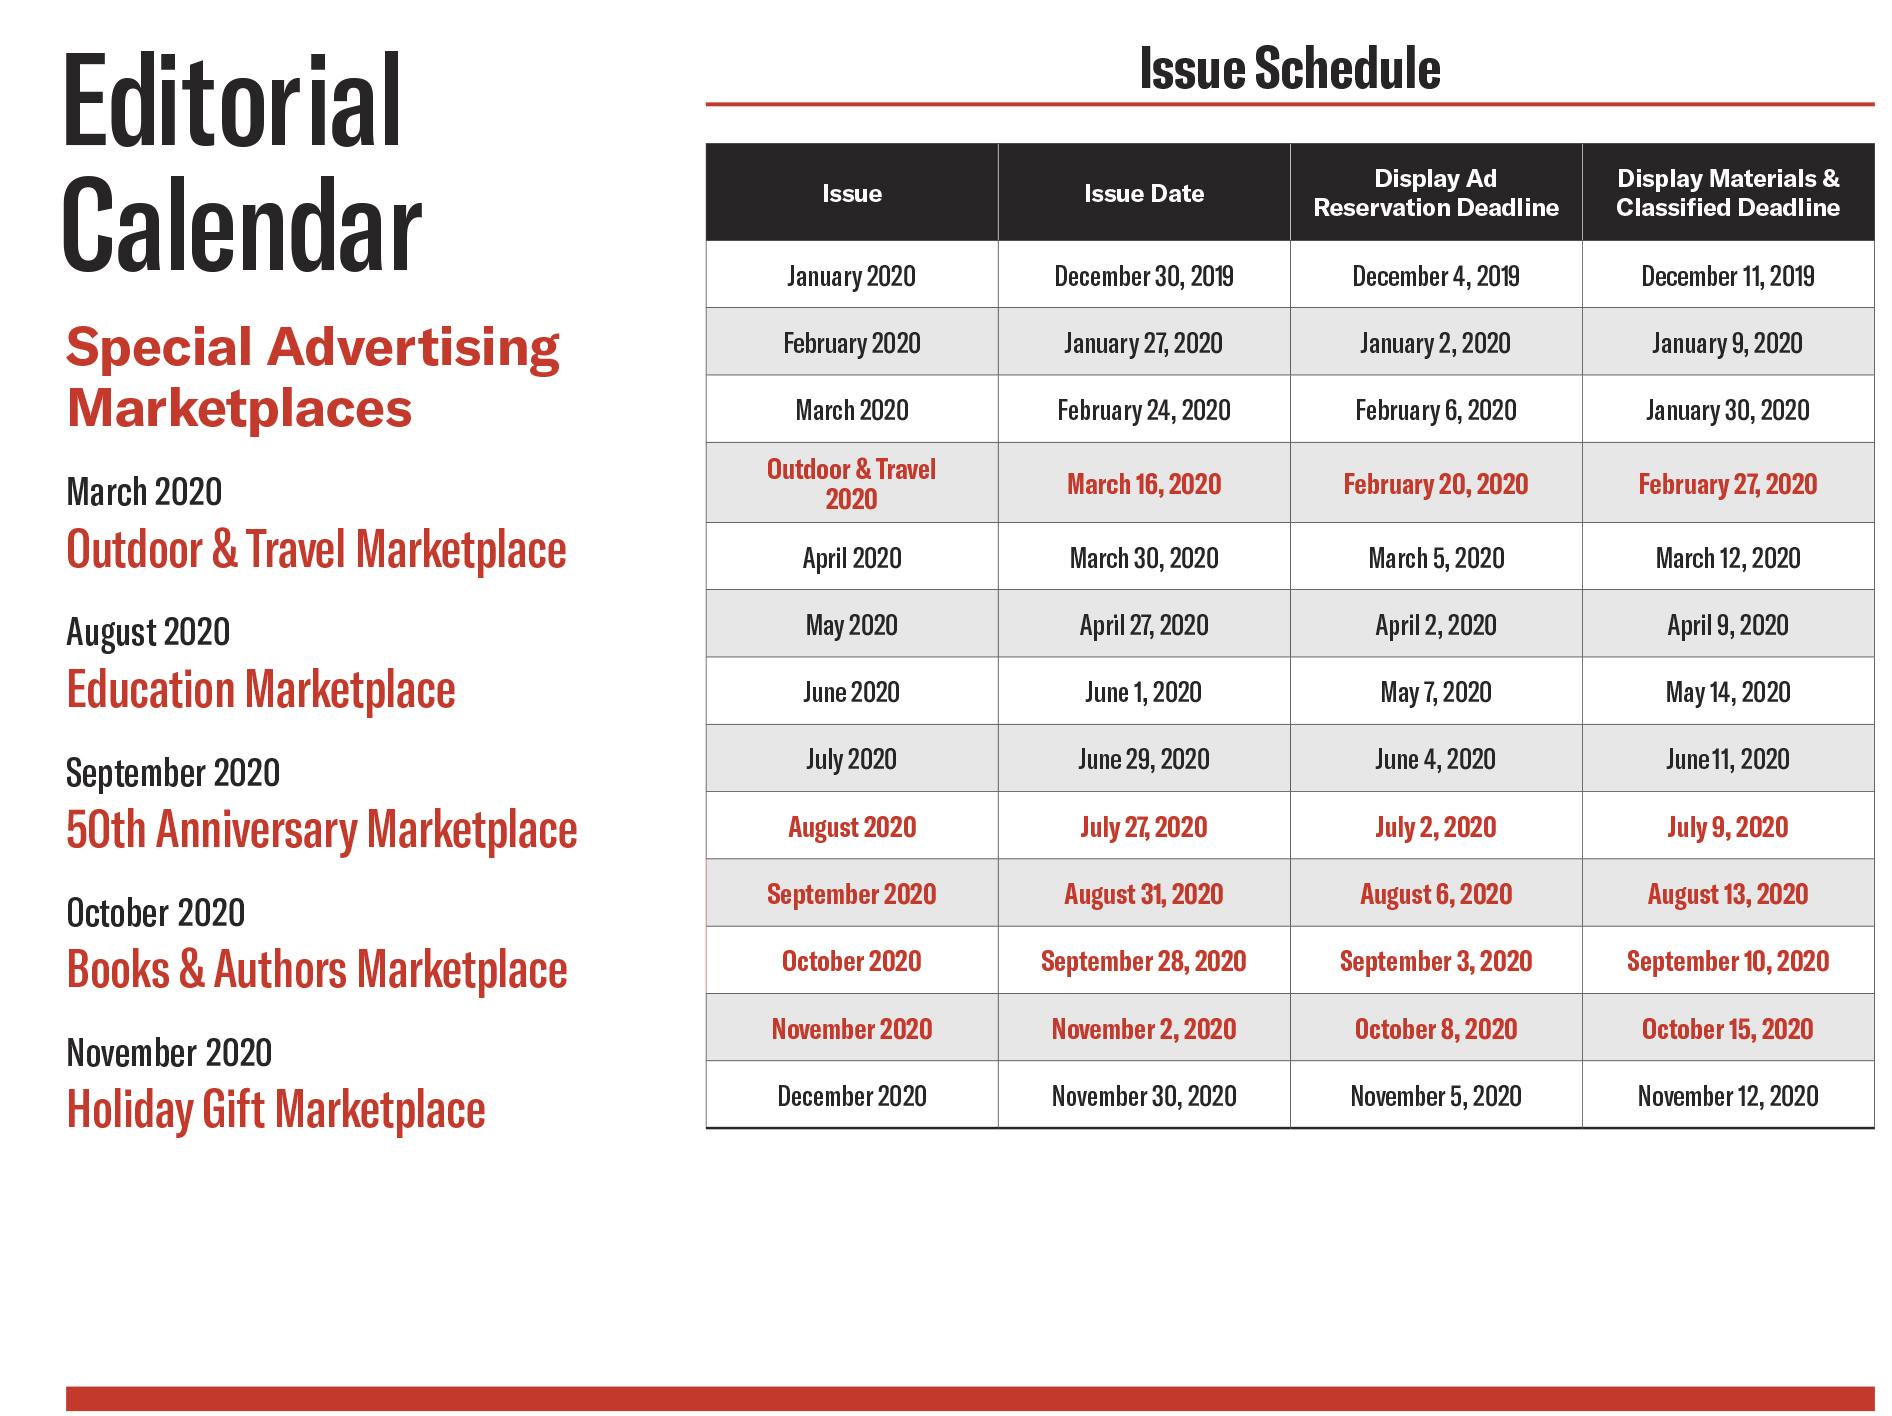 Editorial Calendar Hi-Res .jpg